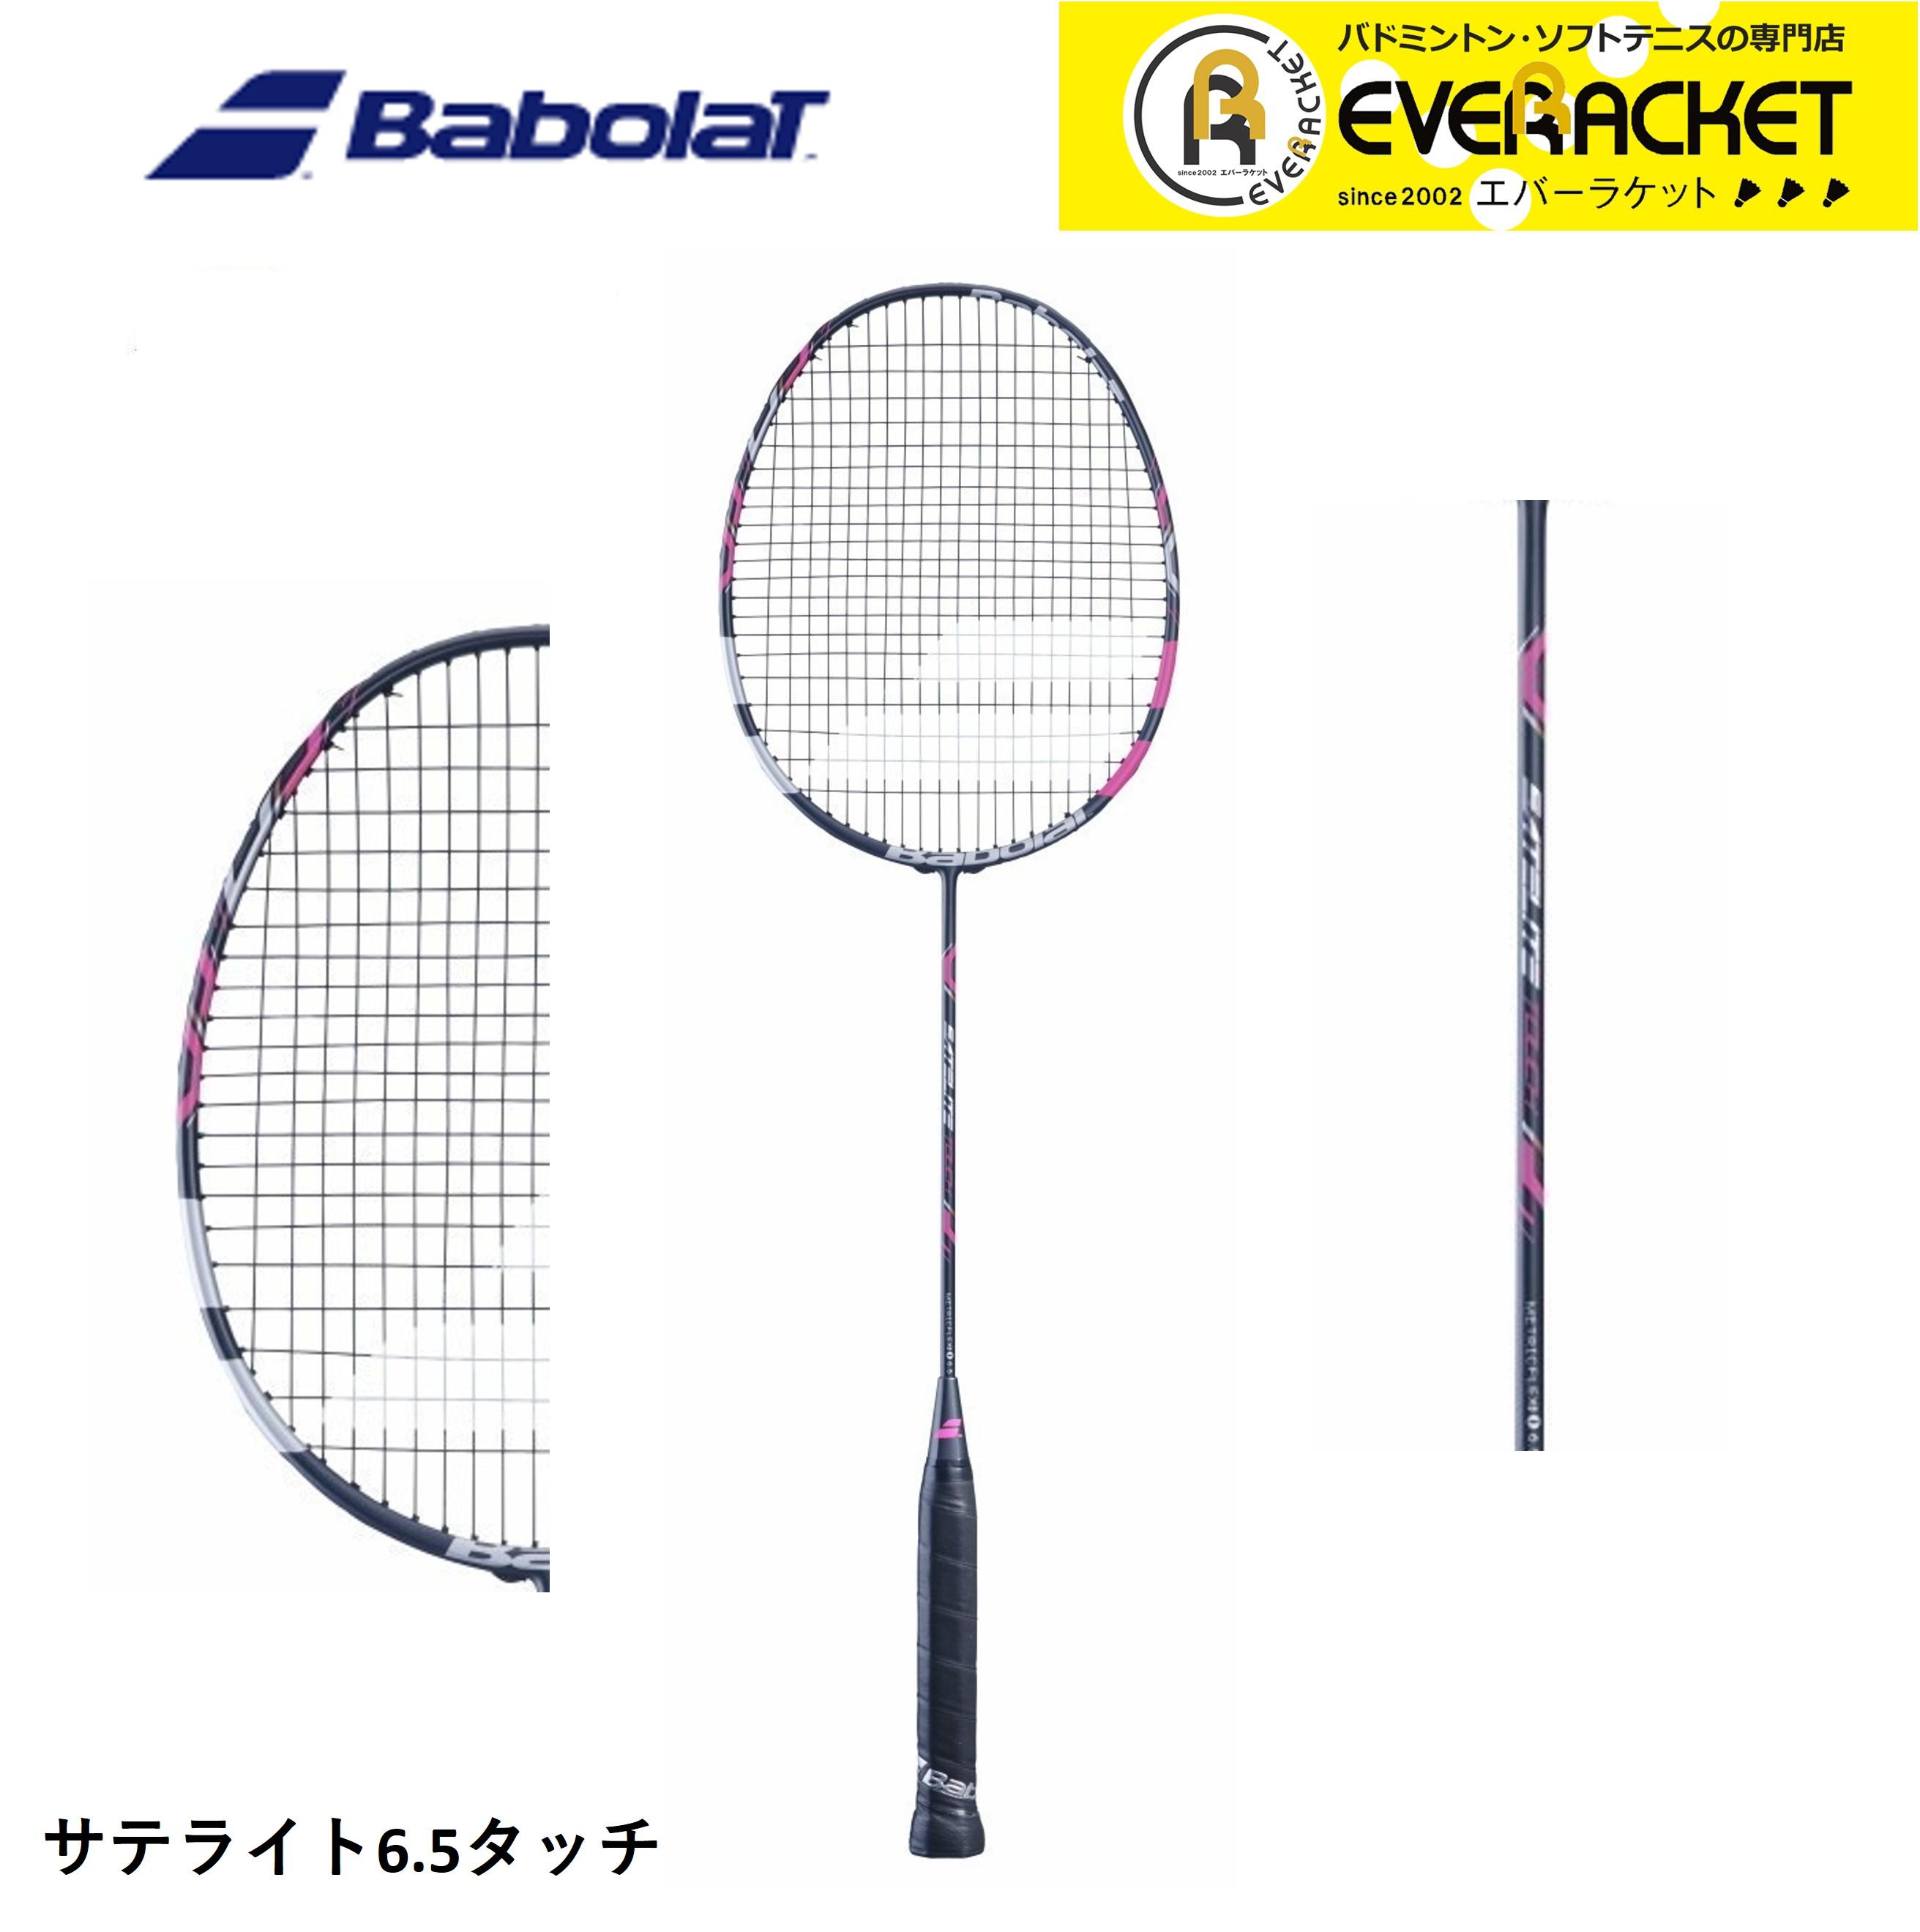 【スーパーセールポイント5倍】バボラ Babolat バドミントンラケット SATELITE6.5TOUCH BBF602320 バドミントン